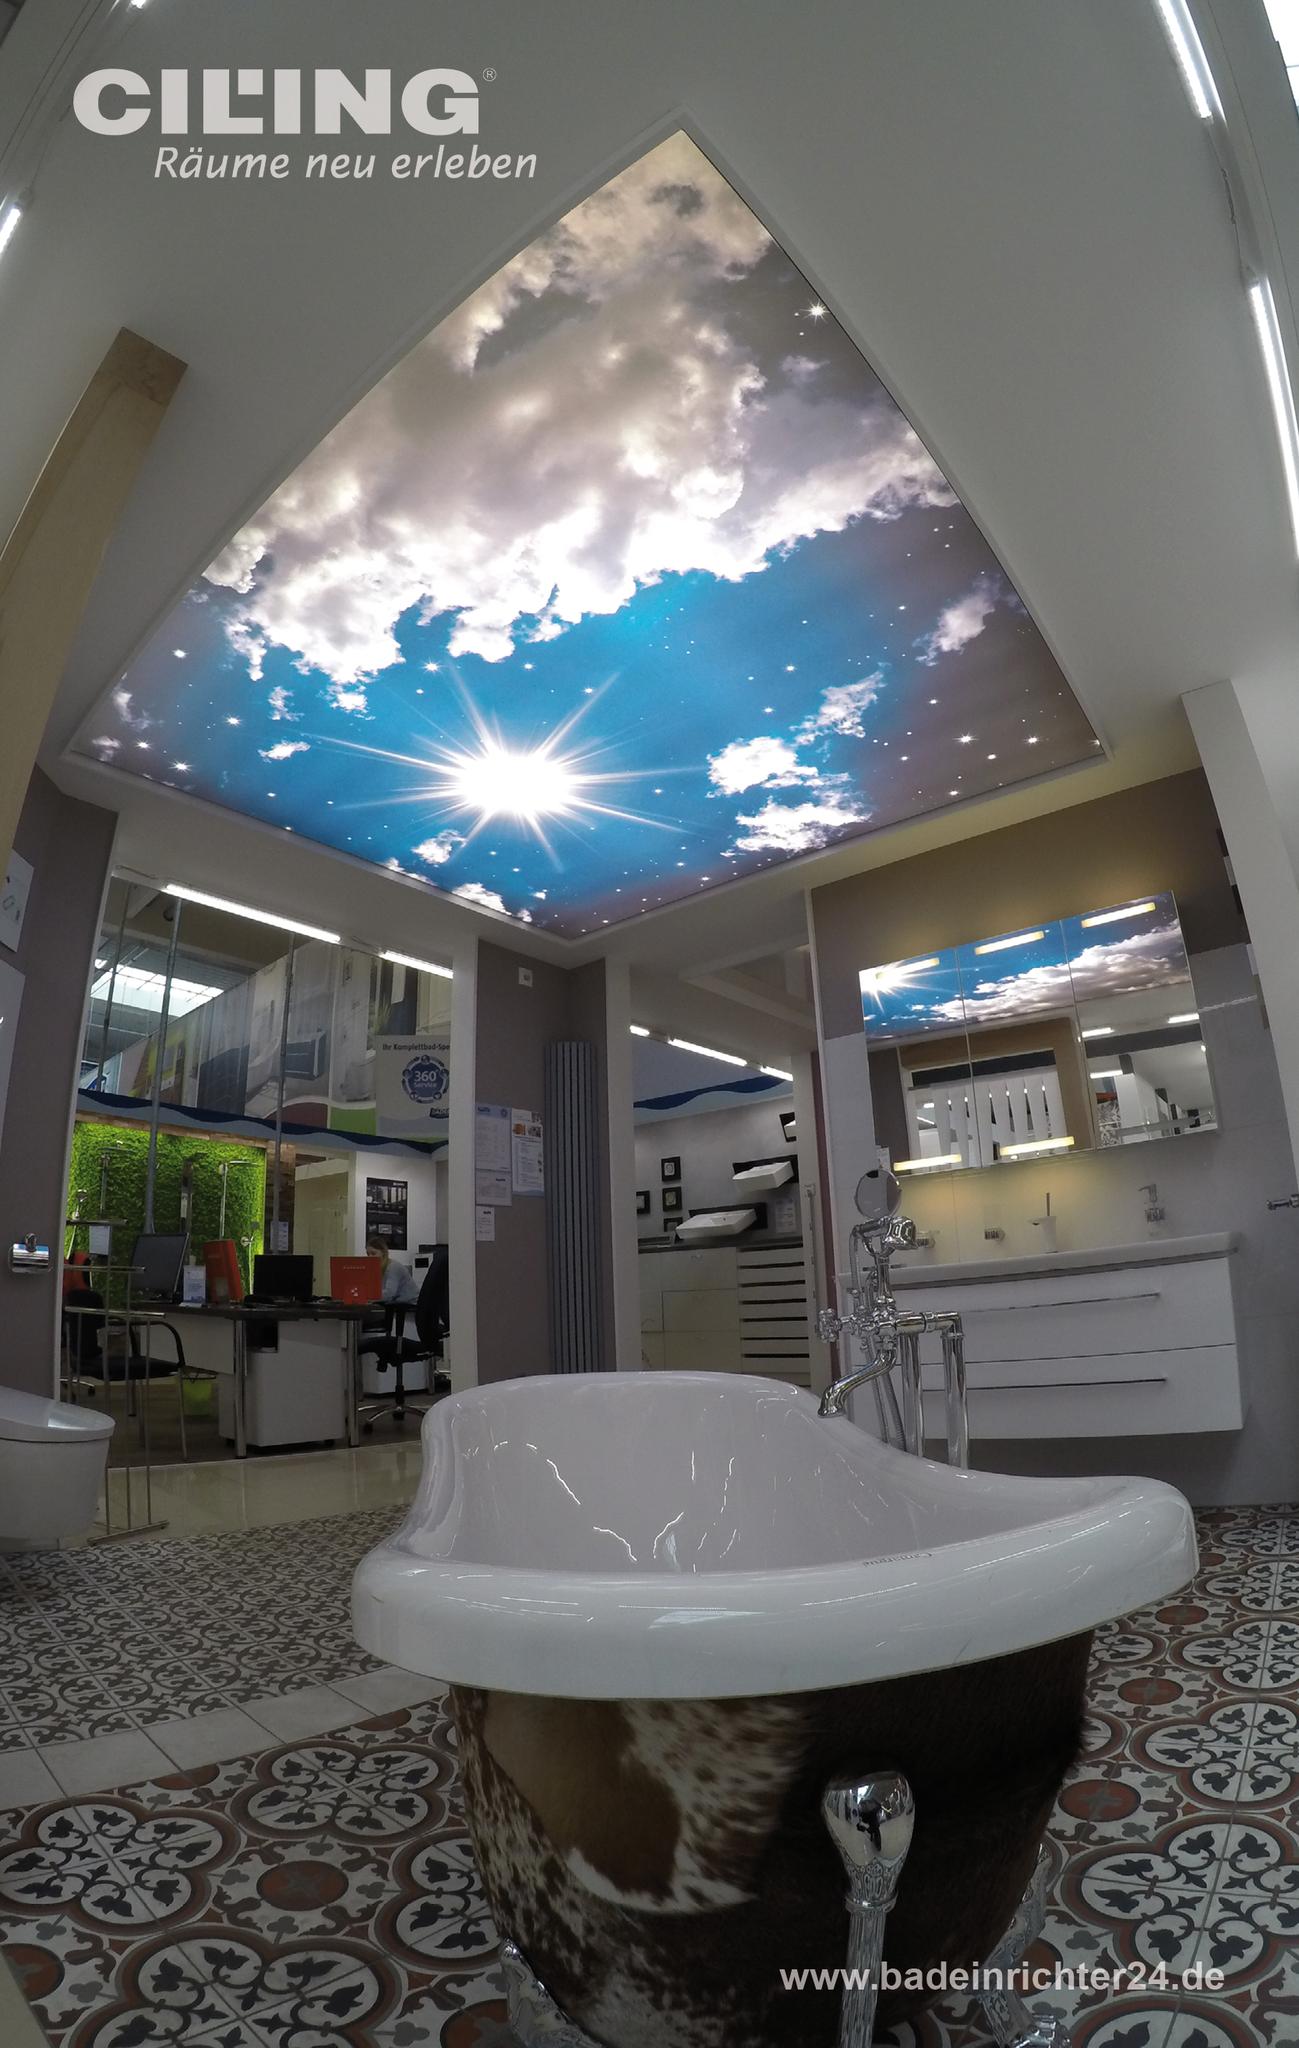 Traumhafter Wolkenhimmel Uber Der Badewanne Badezimmer Decken Badezimmer Innenausstattung Spanndecken